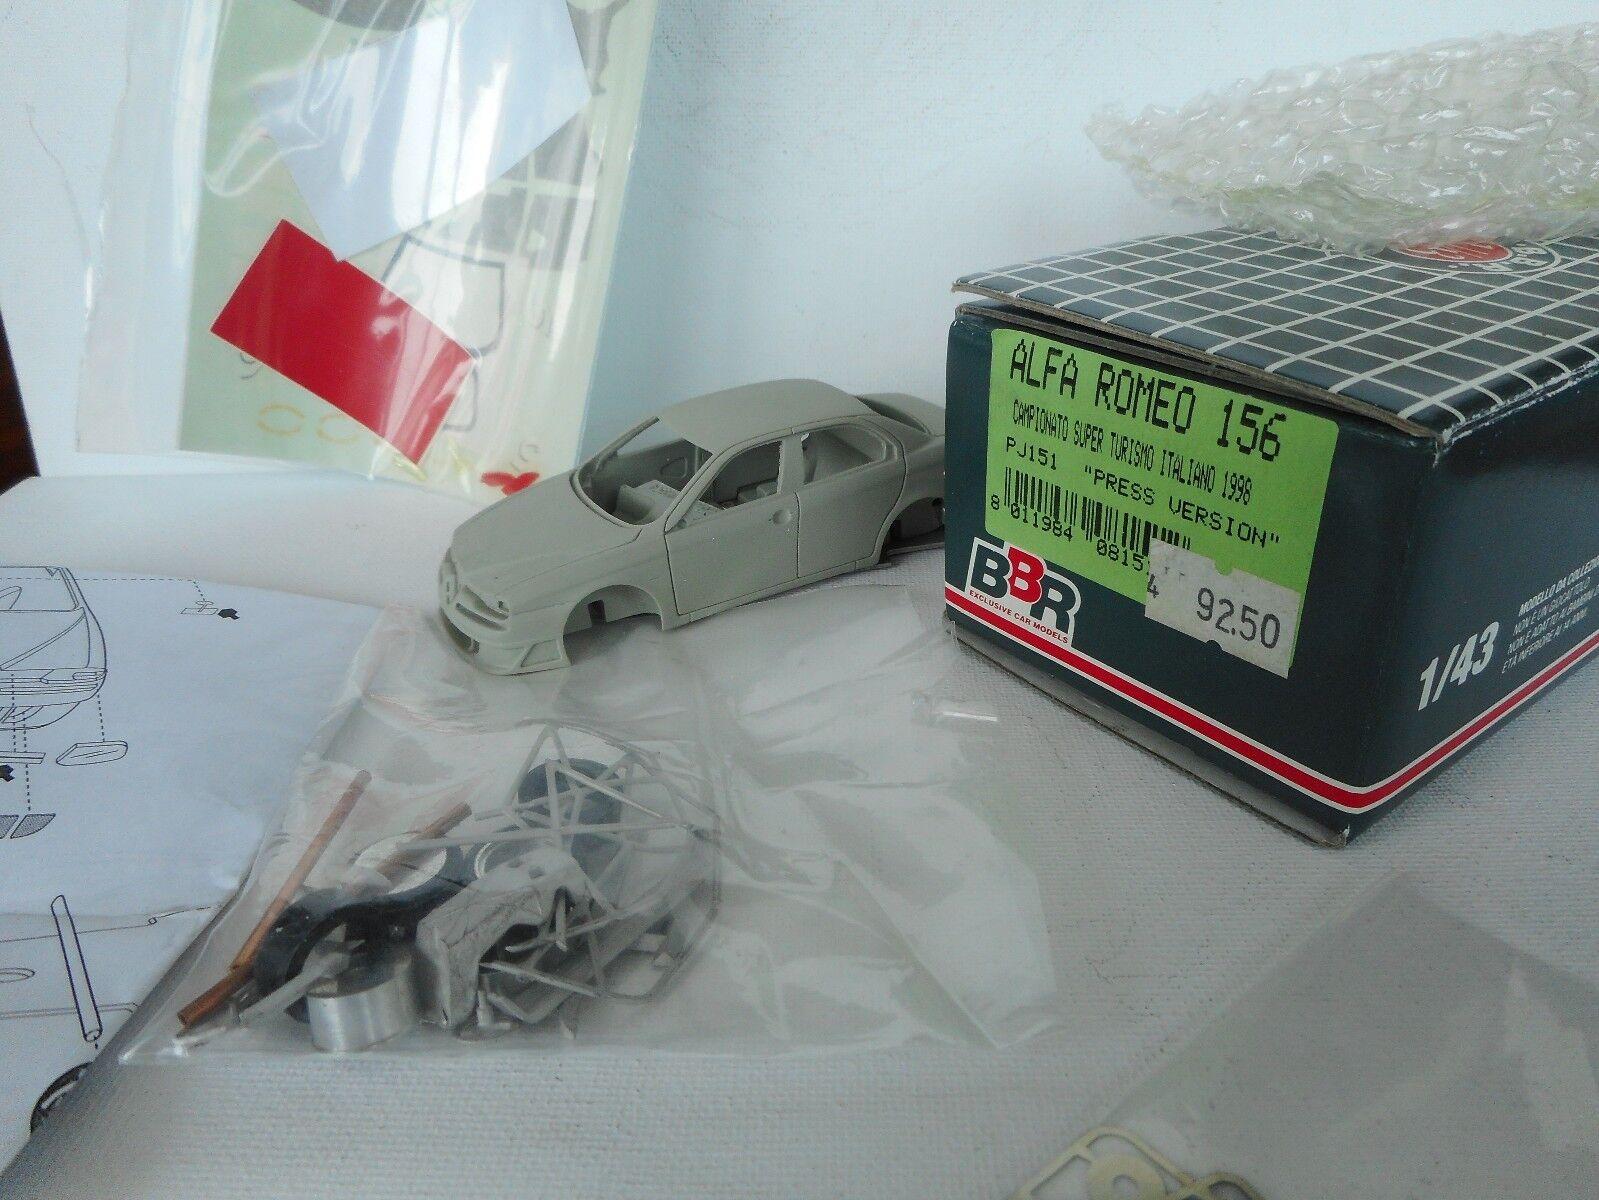 venta con alto descuento BBR KIT 1 1 1 43 ALFA ROMEO ROMEO 156 PRESS VERSION 1998 UNBILT    BOXED  ofreciendo 100%